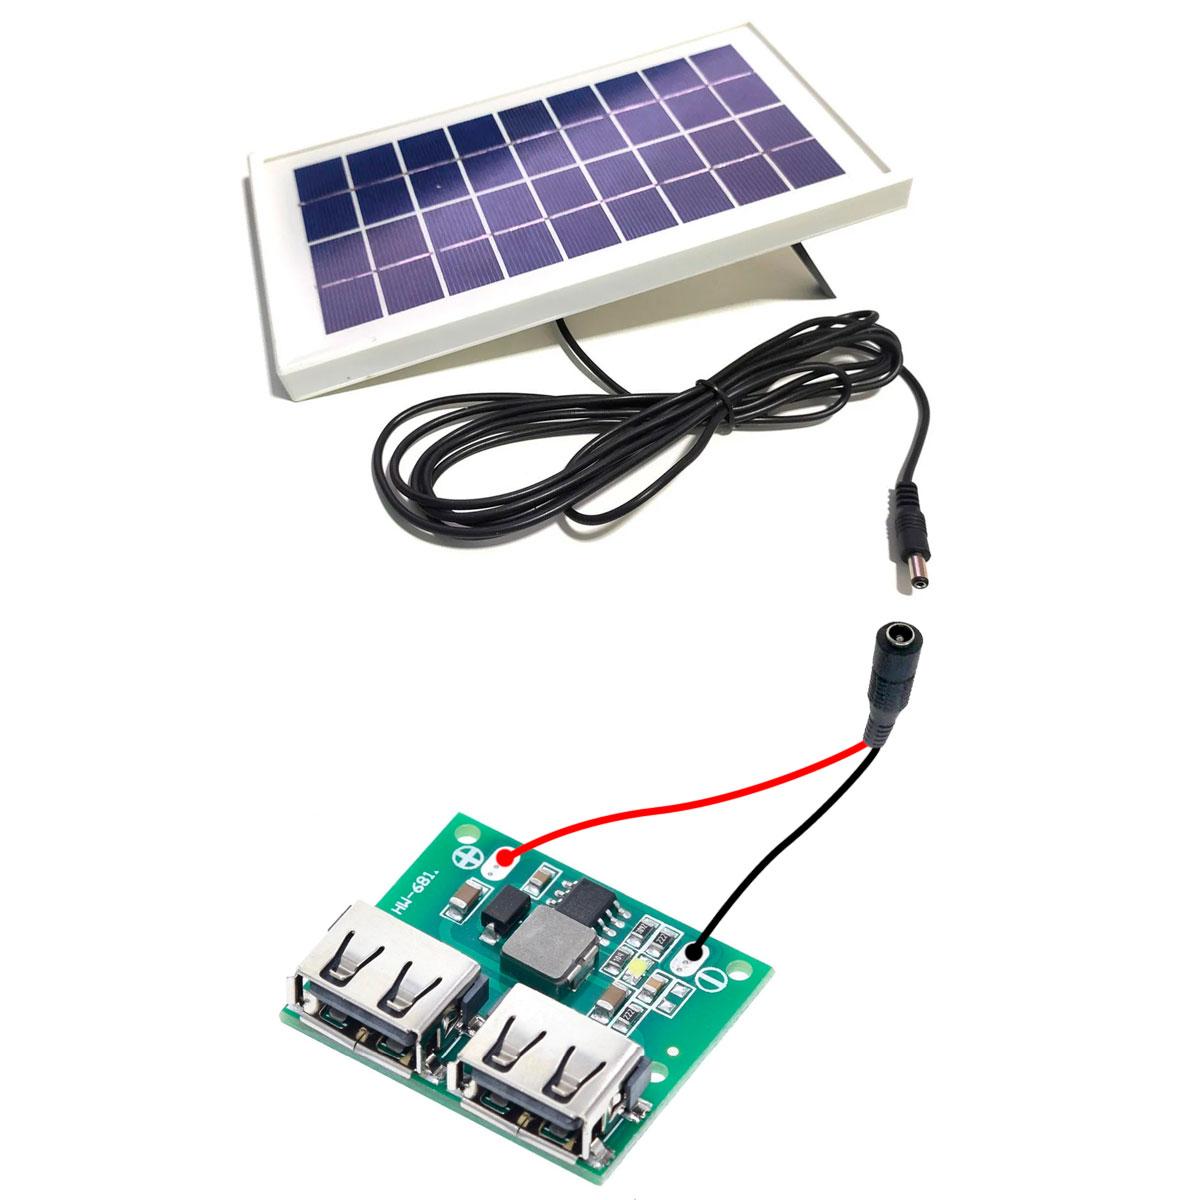 Kit Carregador Solar 3.5W com saída 5V para Carregar Celular / Smartphone